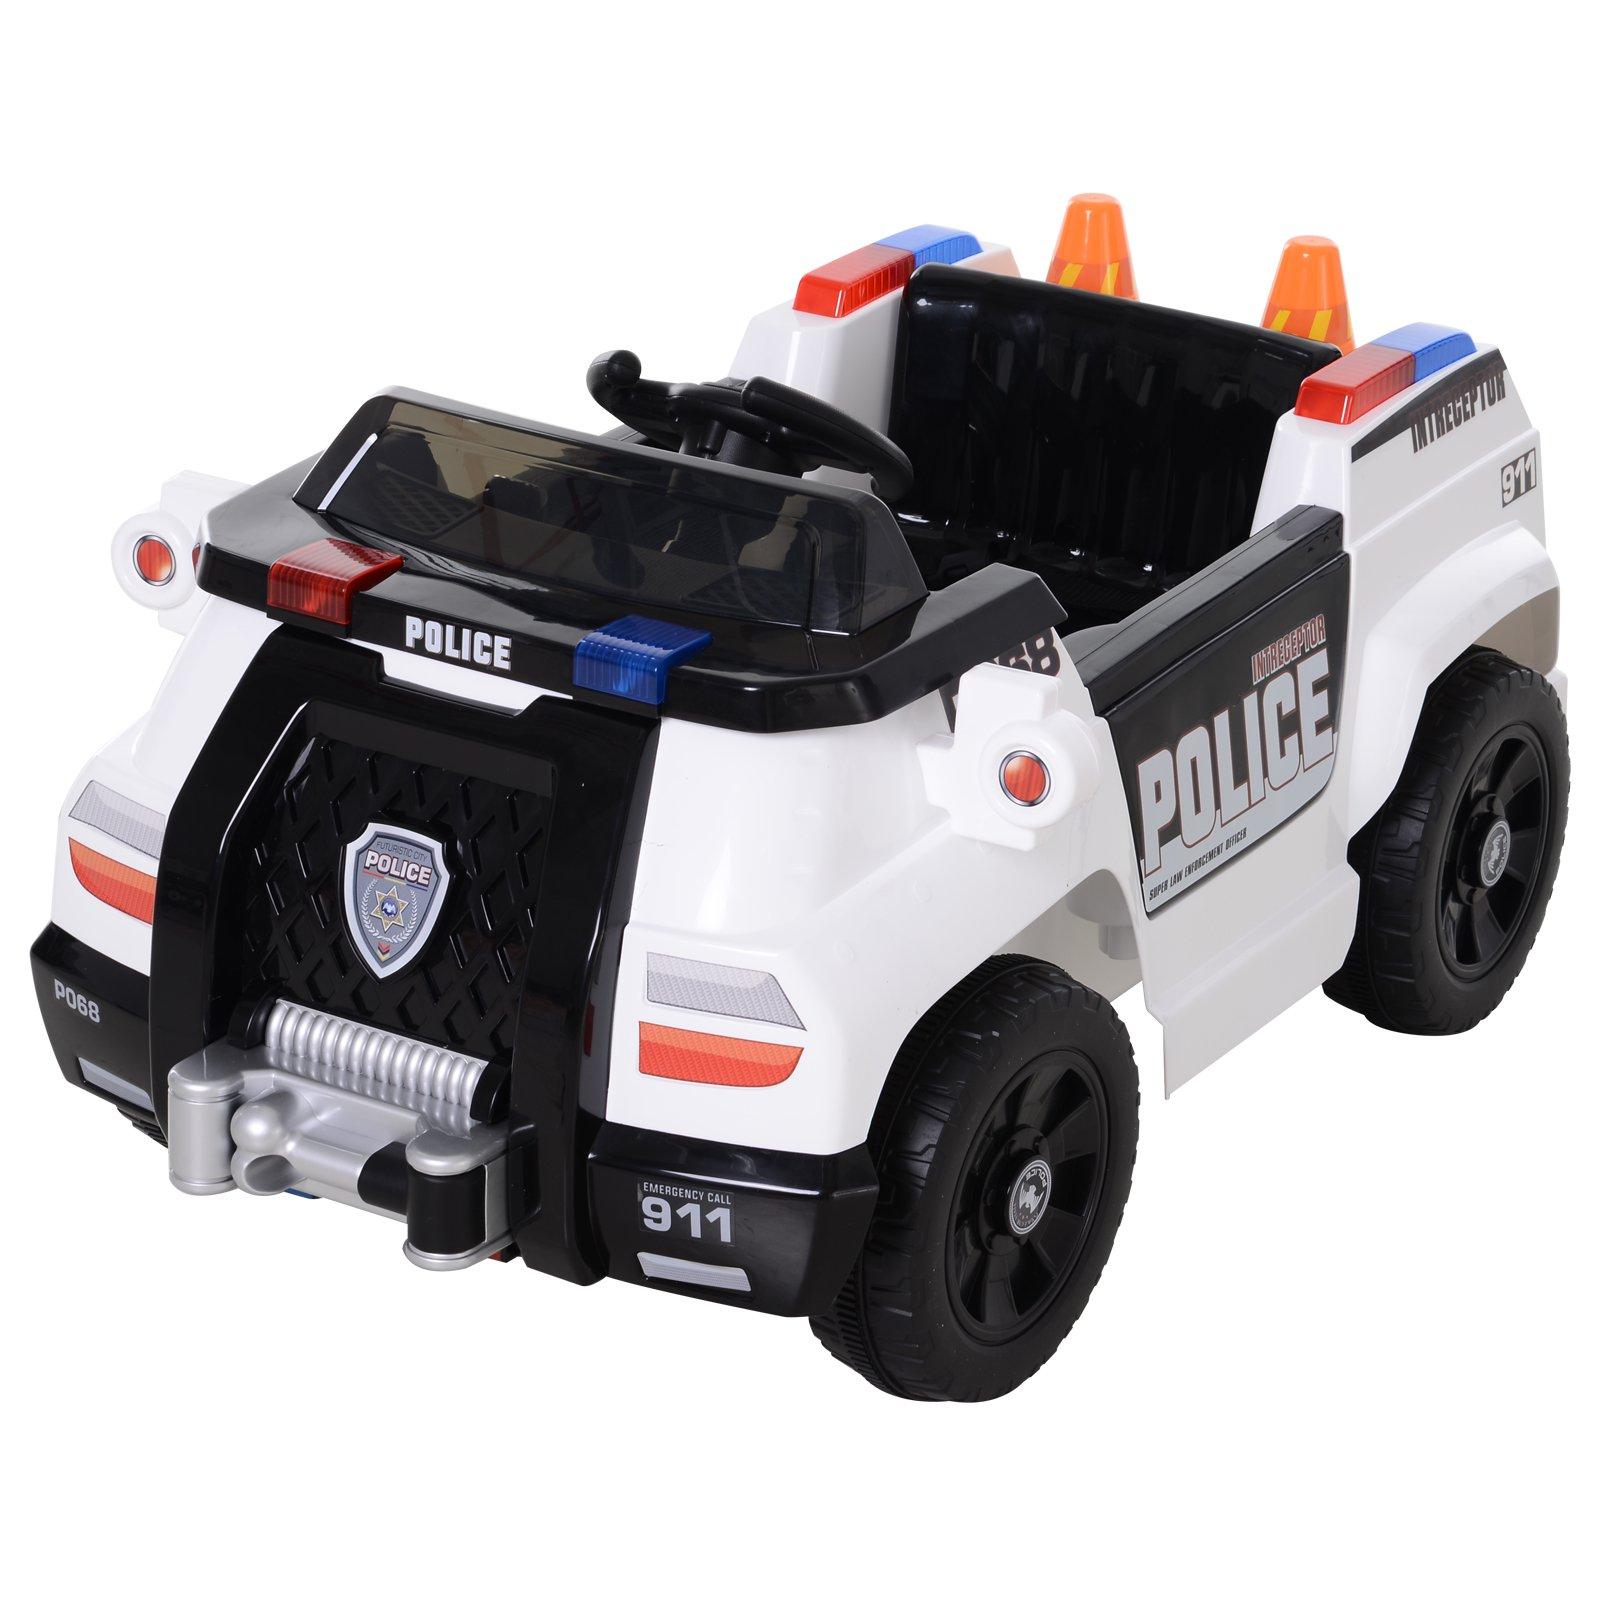 Homcom Macchinina Elettrica della Polizia Giocattolo con Telecomando Bianca